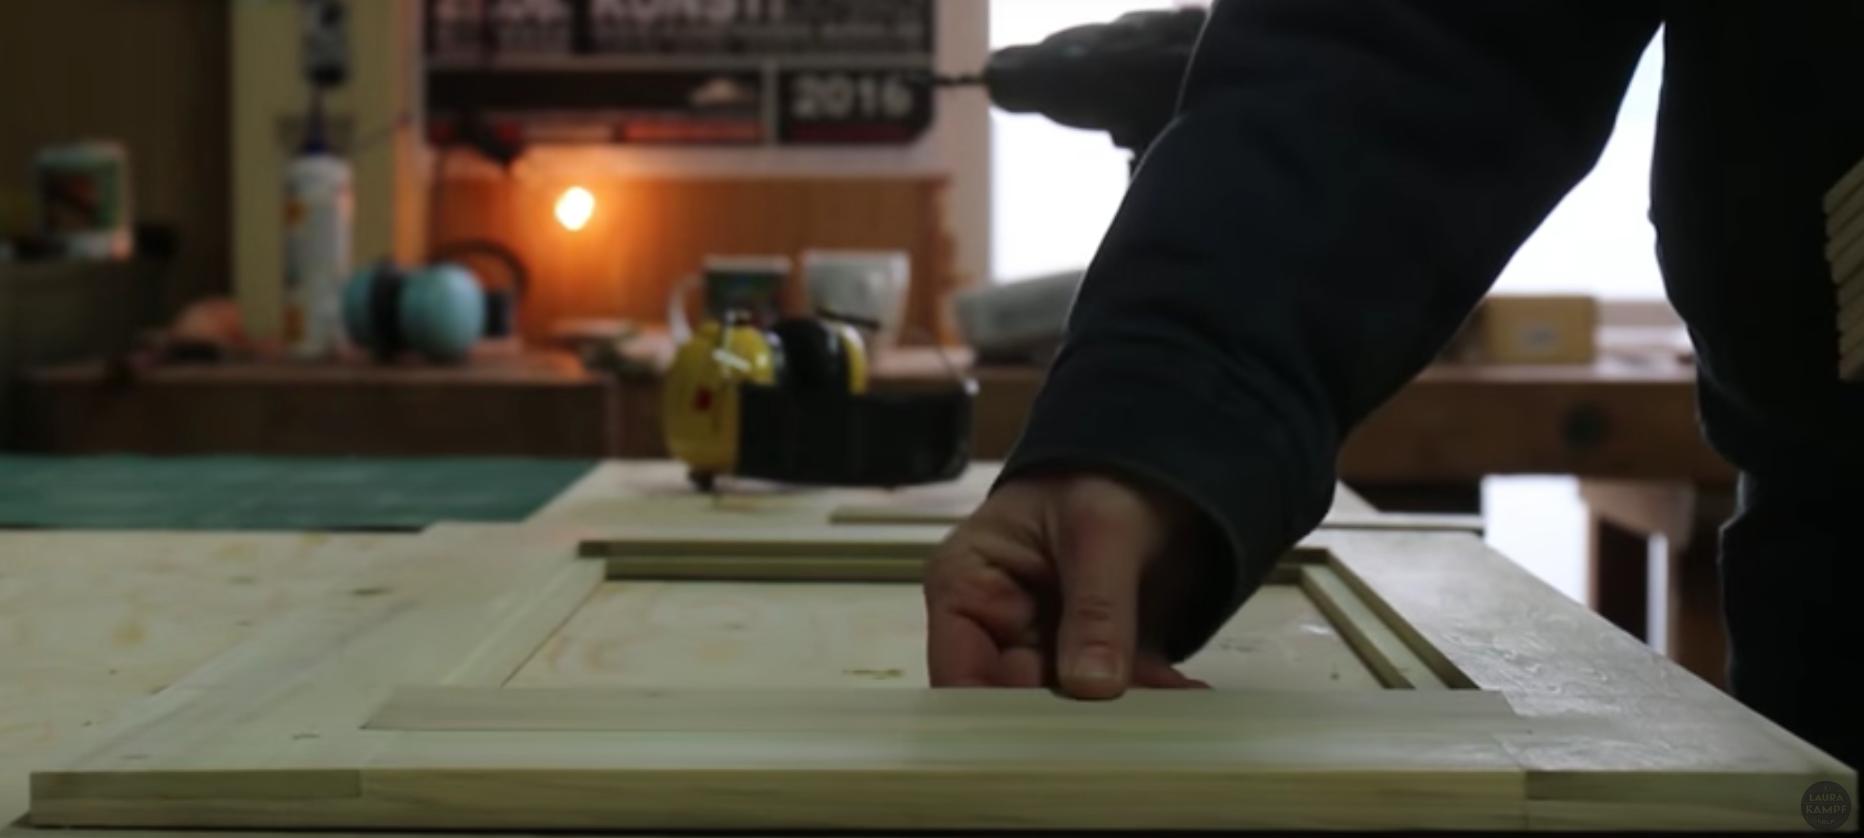 Cómo fabricar una cabina de proyección  Cabina-proyeccion-7